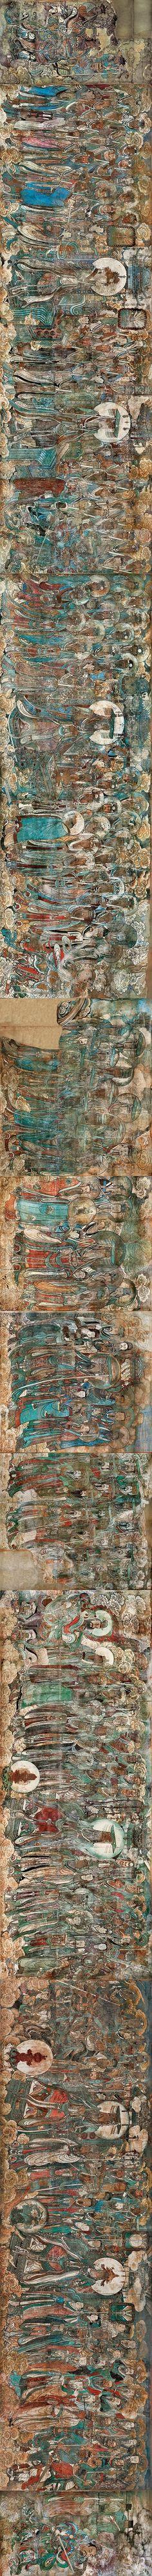 """元 永乐宫壁画 朝元图 原貌 永乐宫位于山西省芮城县永乐镇,建于元代,原名大纯万寿宫,是为奉祀""""八仙""""之一吕洞宾而建造的大型道观。永乐宫壁画不仅是我国绘画史上的重要杰作,在世界绘画史上也是罕见的巨型制作。整个壁画共有1000平方米,分别画在无极殿、三清殿、纯阳殿和重阳殿里。三清殿是座主殿,该殿壁画《朝元图》,是永乐宫壁画的精髓,完成于1325年,由河南府洛京勾山马七等11位民间画师所绘。该幅壁画画面高4.28米,全长94.68米,总计403平方米,共画天神289身,描绘了中国民间诸神朝拜玉清元始天尊、上清灵宝道君和太清太上老君三位主神的情景。其中,帝后主像高达2.85米,玉女的身高也在1.95米以上,超过了一般真人的高度。http://jsl641124.blog.163.com/blog/static/17702514320127310939789/"""